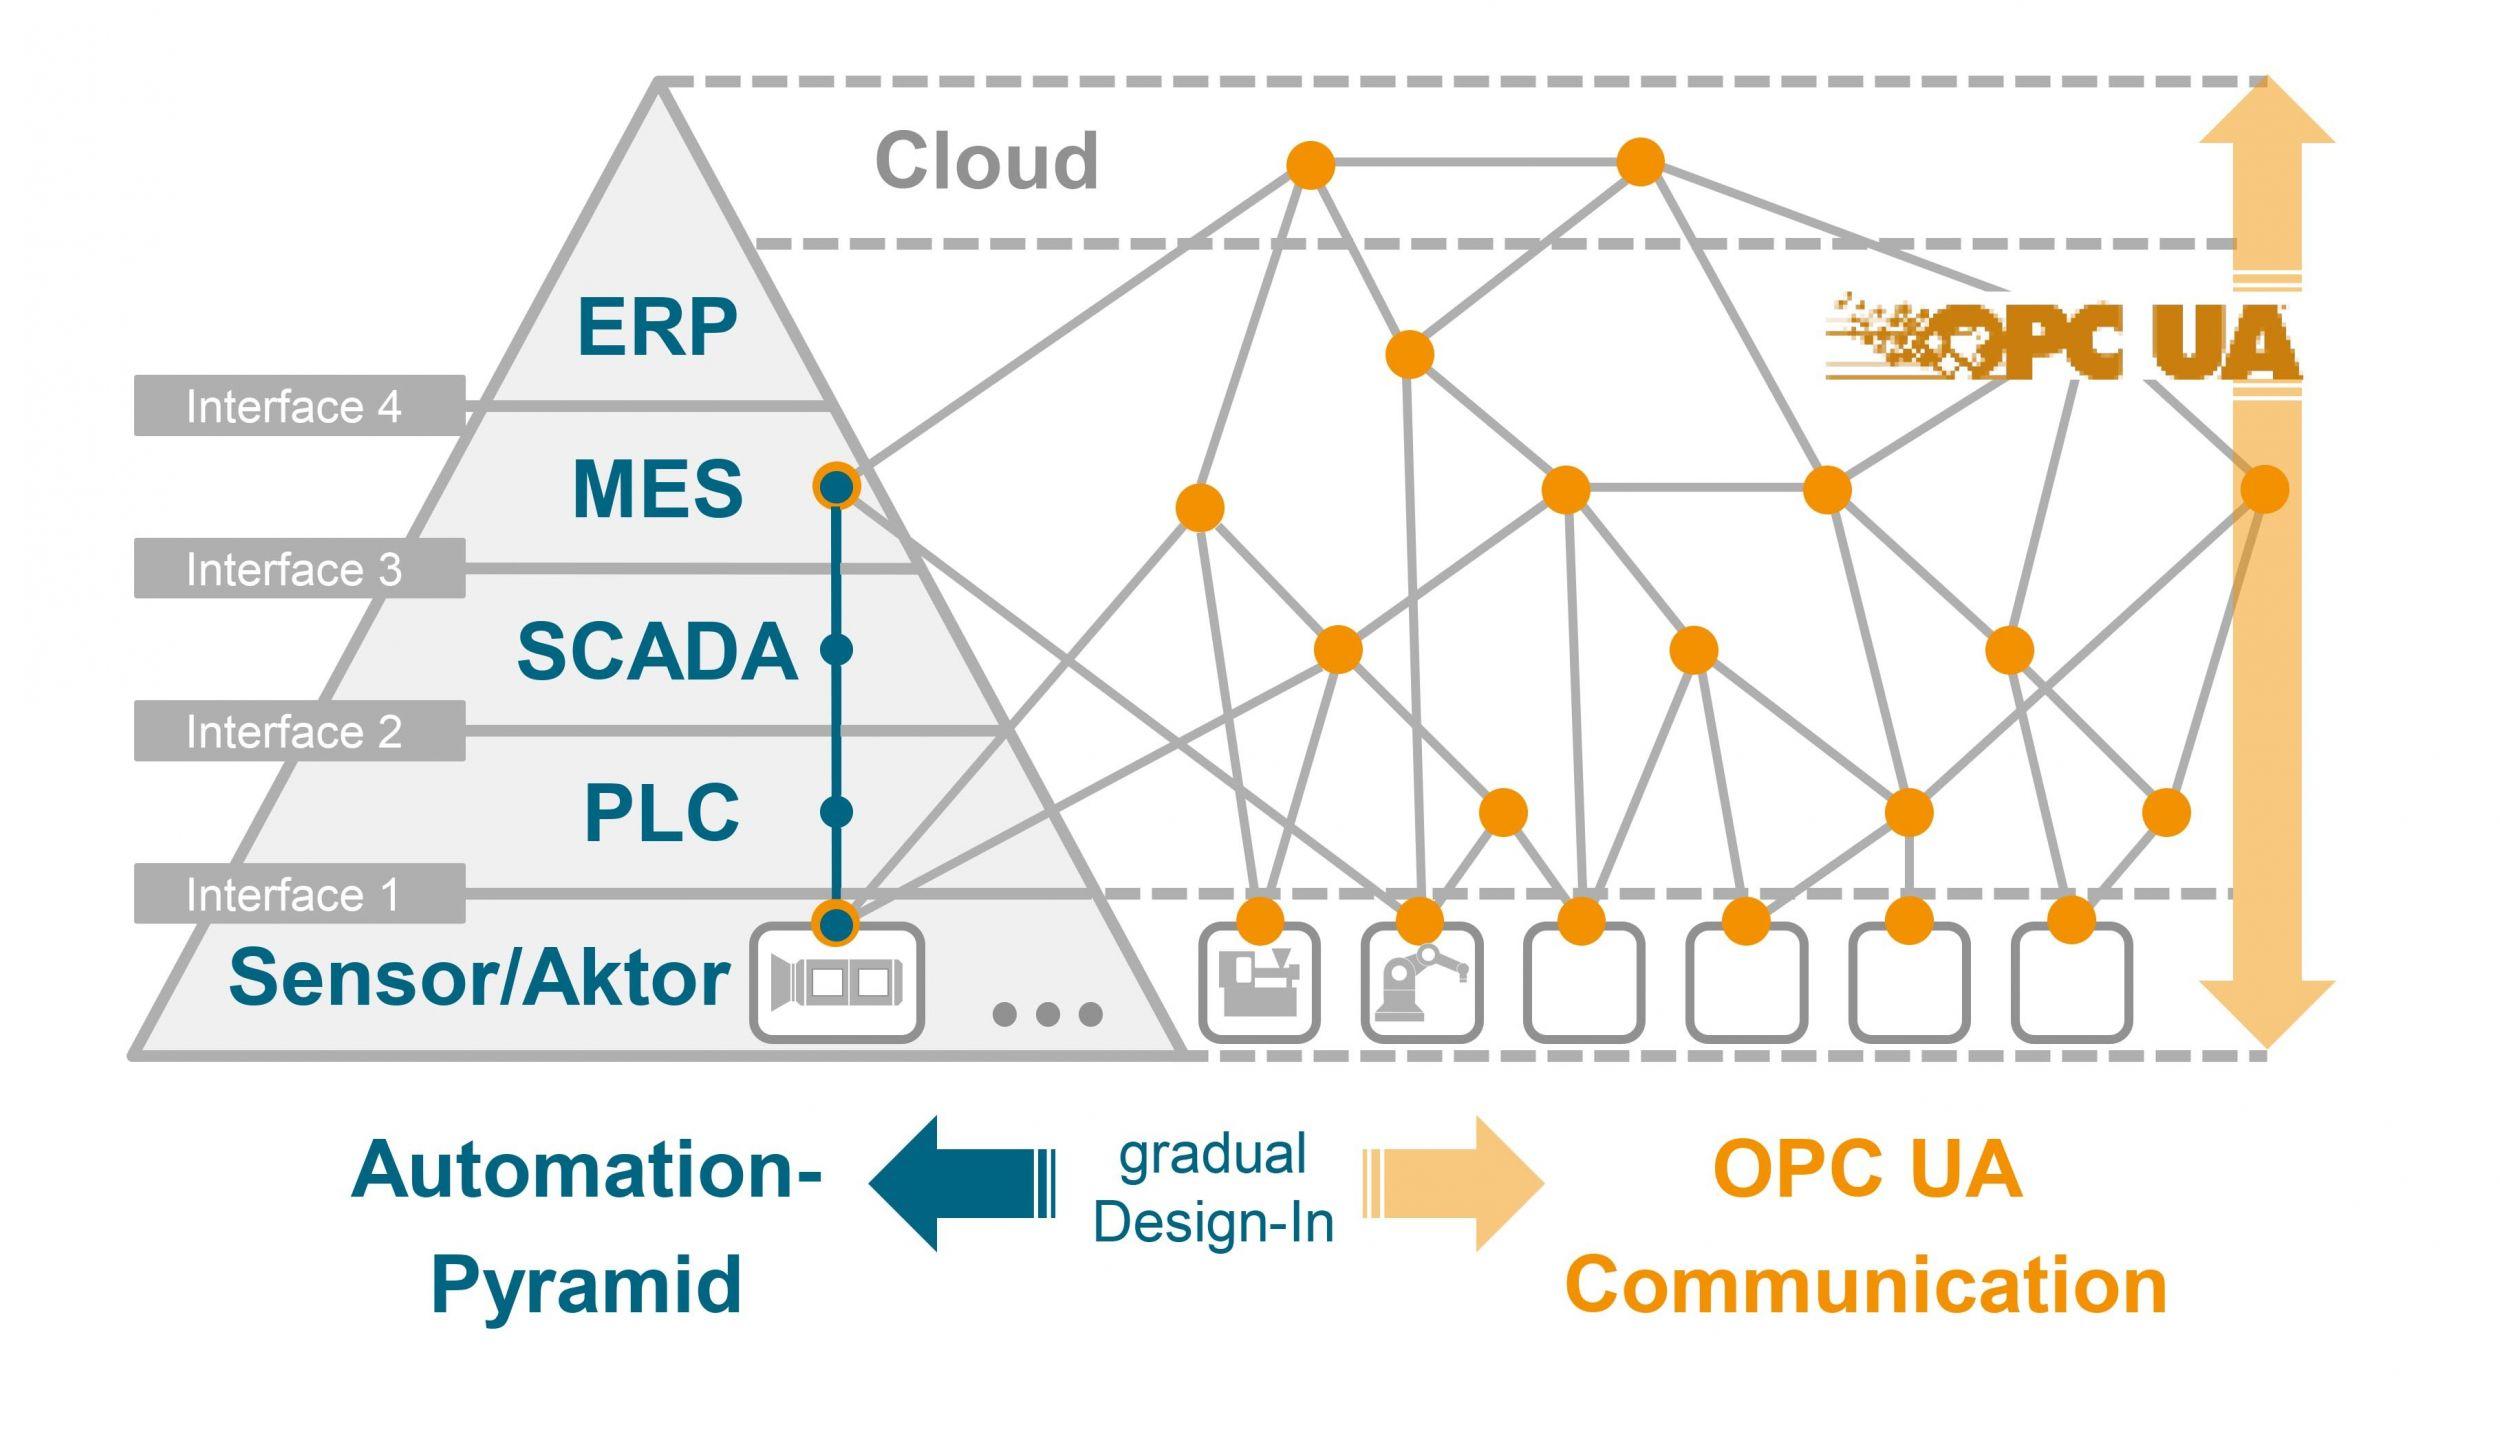 Durch seine Skalierbarkeit lässt sich OPC UA sowohl in kleinen Anwendungen bis hin zu unternehmensübergreifenden ERP-Lösungen einsetzen. (Bild: VDMA)